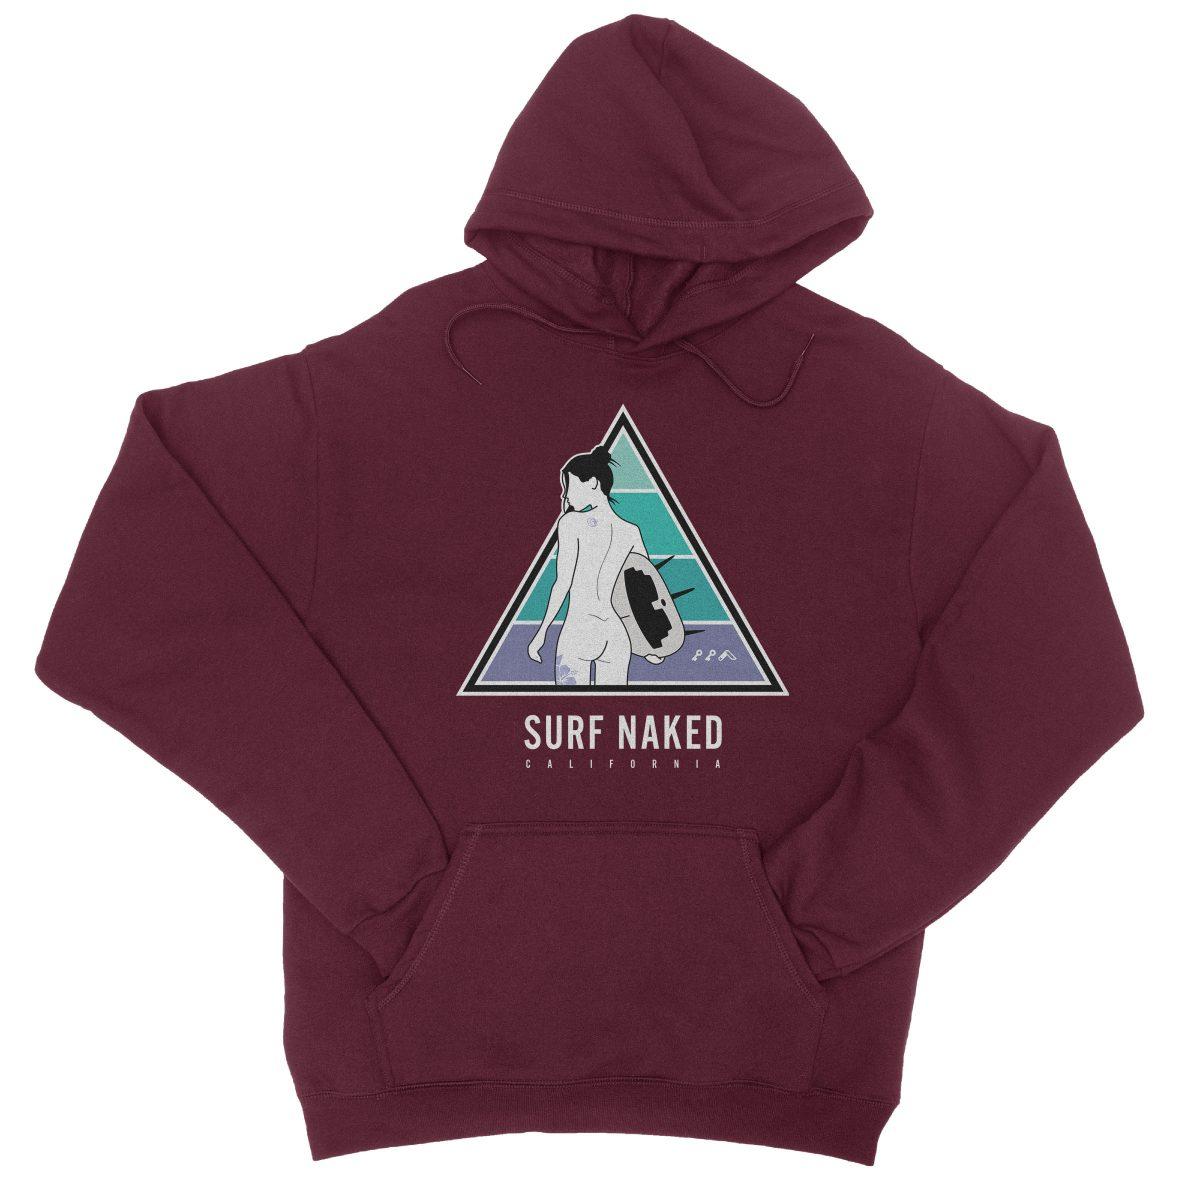 SURF NAKED CALIFORNIA beaches hoodie in maroon by kikicutt sweatshirt store